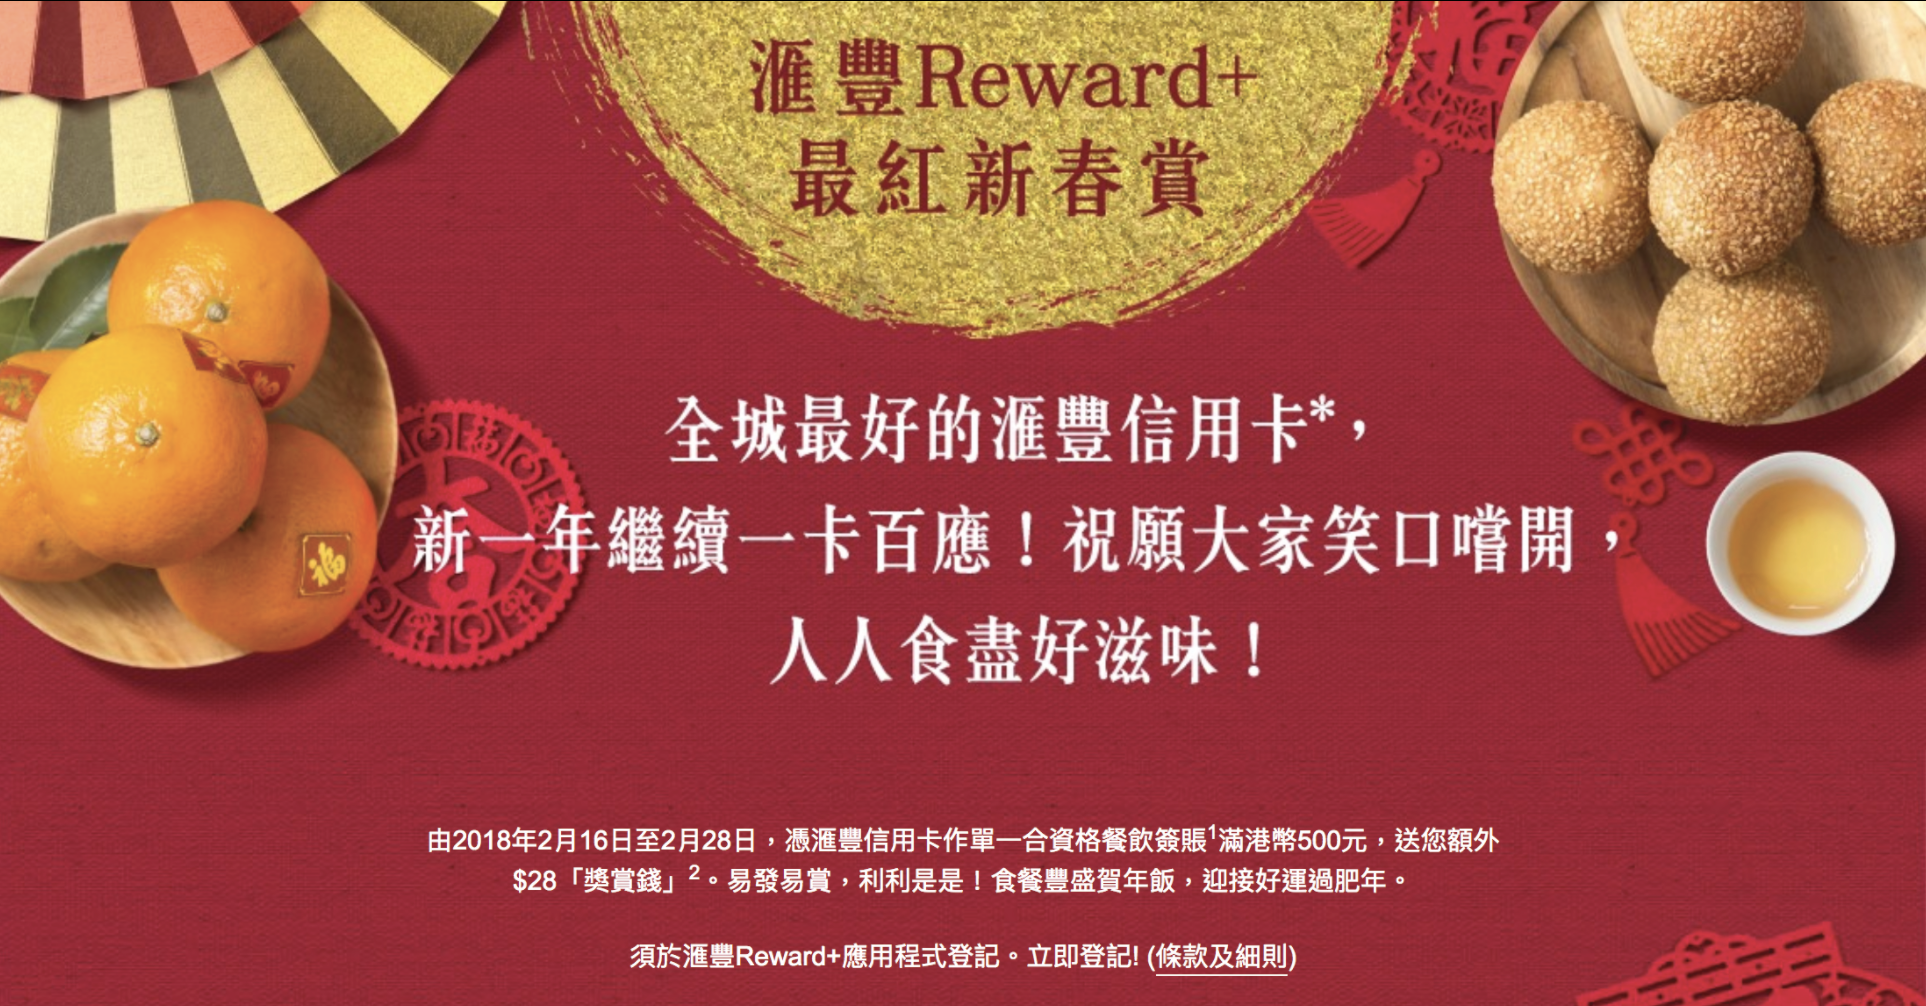 滙豐Reward+最紅新春賞!單一簽賬食飯滿$500即送你$28「獎賞錢」(=280 Asia Miles 或 420 Avios)!